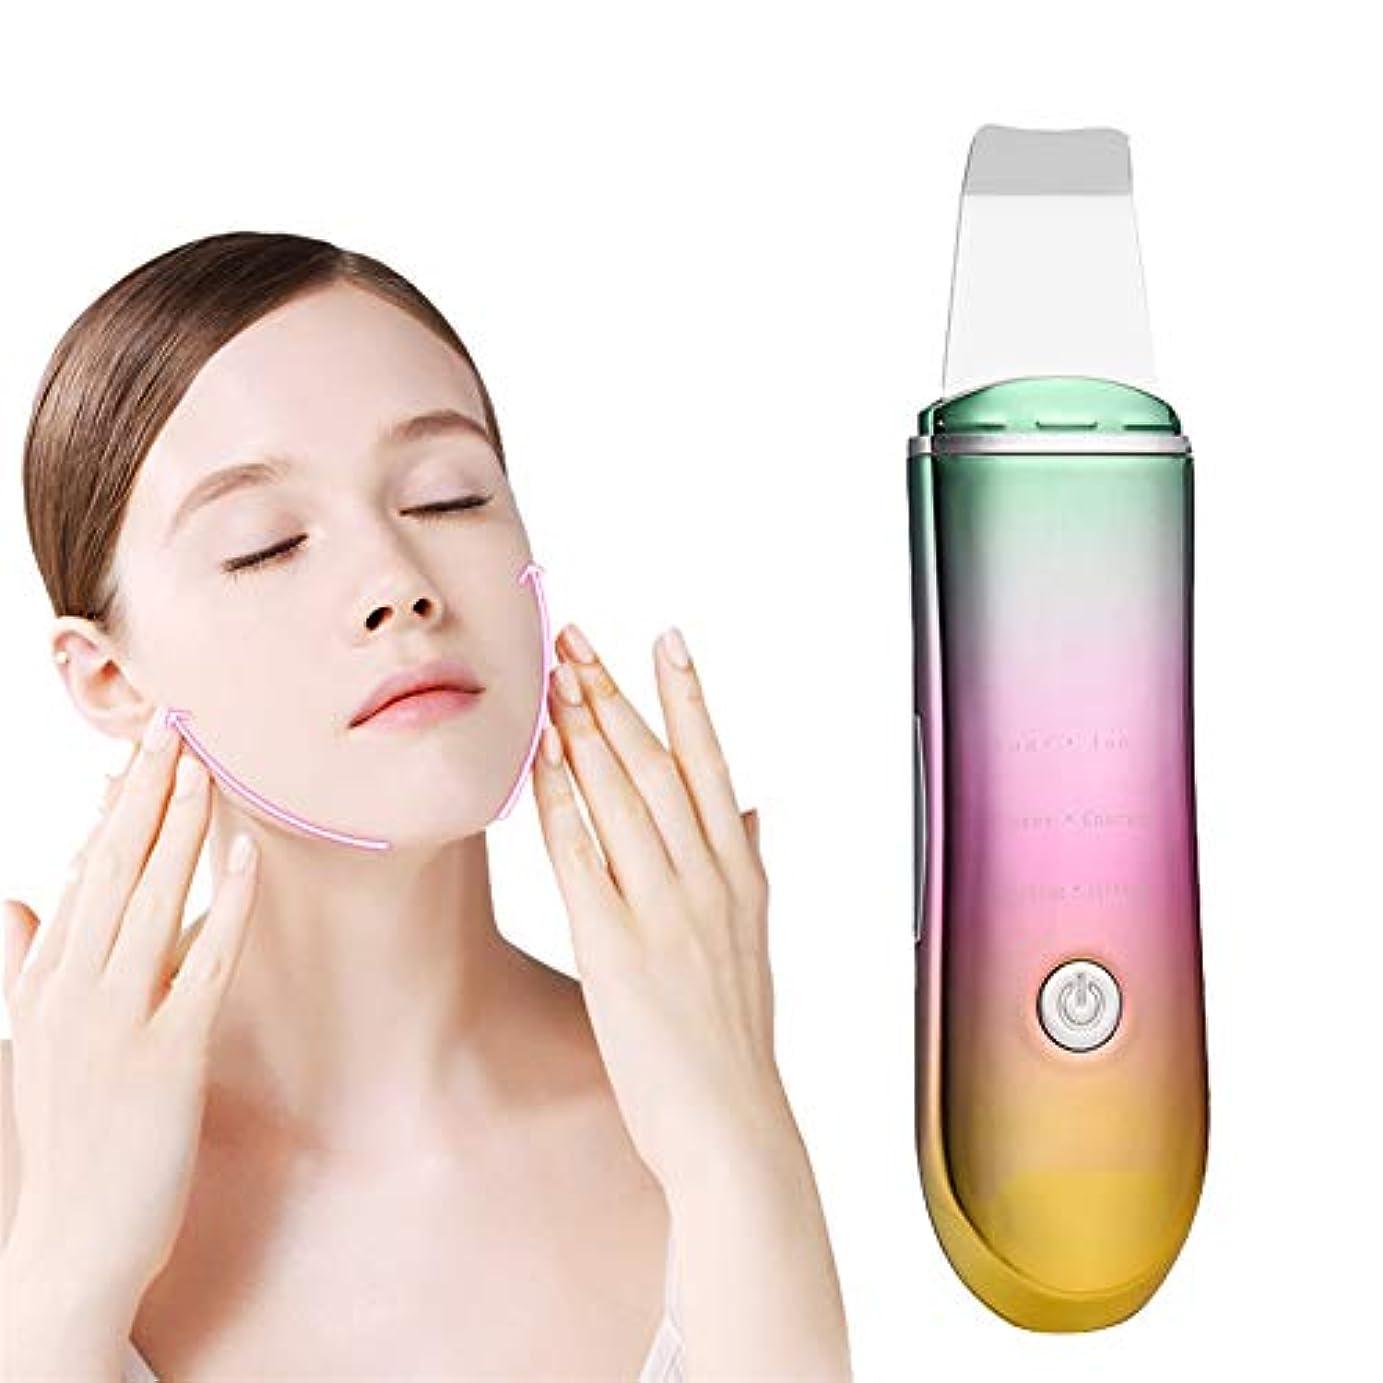 マイナー請うすることになっている顔の皮膚クリーナー、充電式振動イオンスクラバー、顔のメイクアップリムーバーは、にきびブラックヘッドクリーナーを削除するには